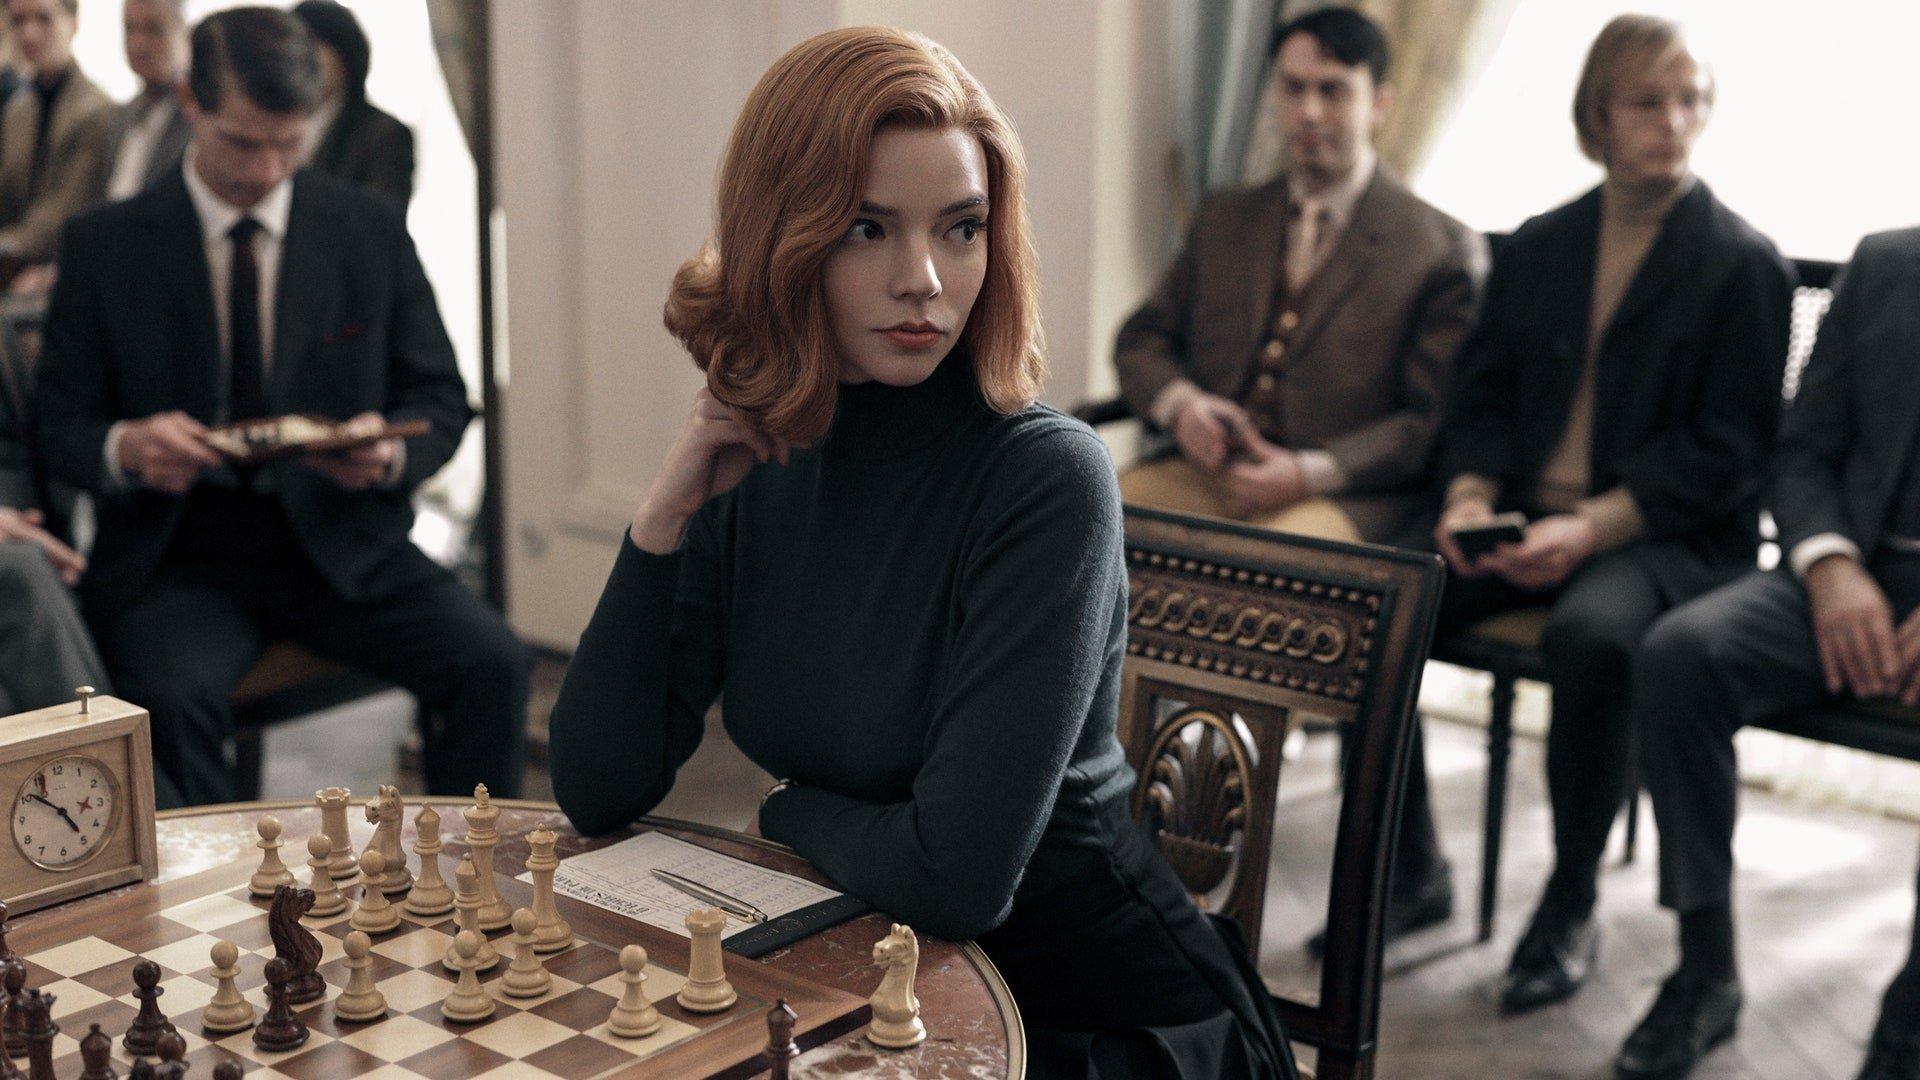 نقد سریال The Queen's Gambit - گامبی وزیر